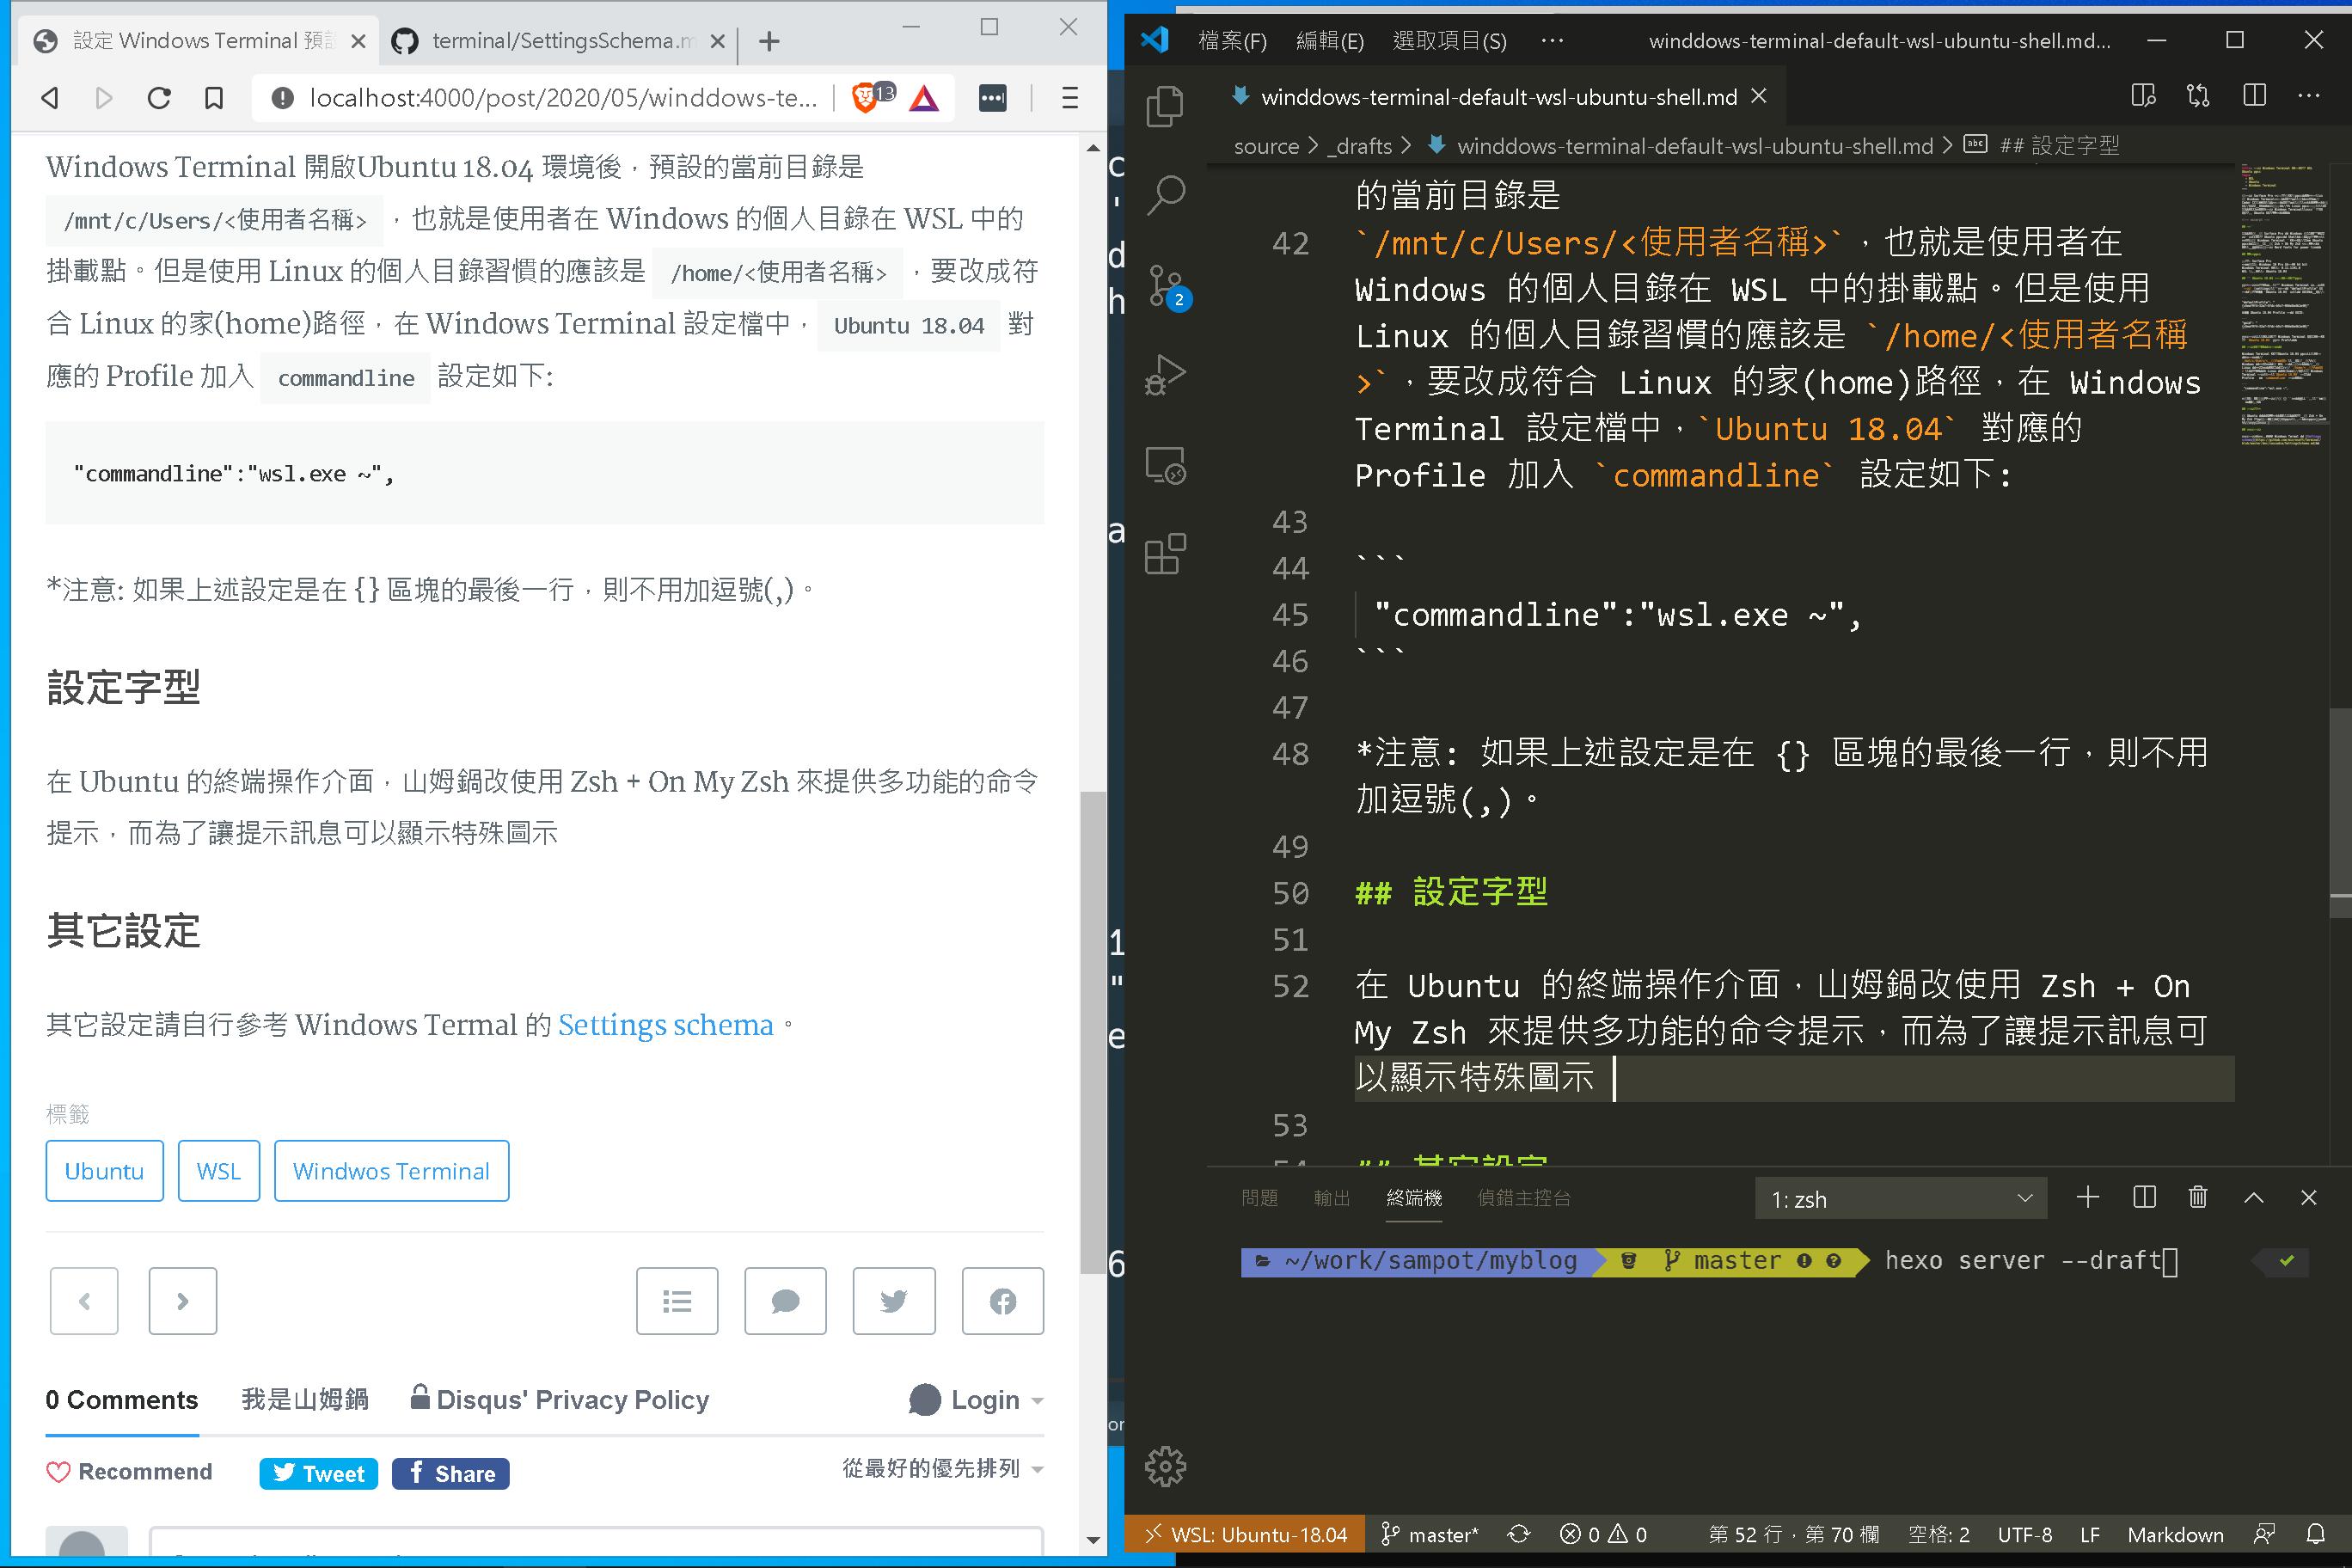 使用 hexo-browsersync 自動刷新瀏覽器頁面